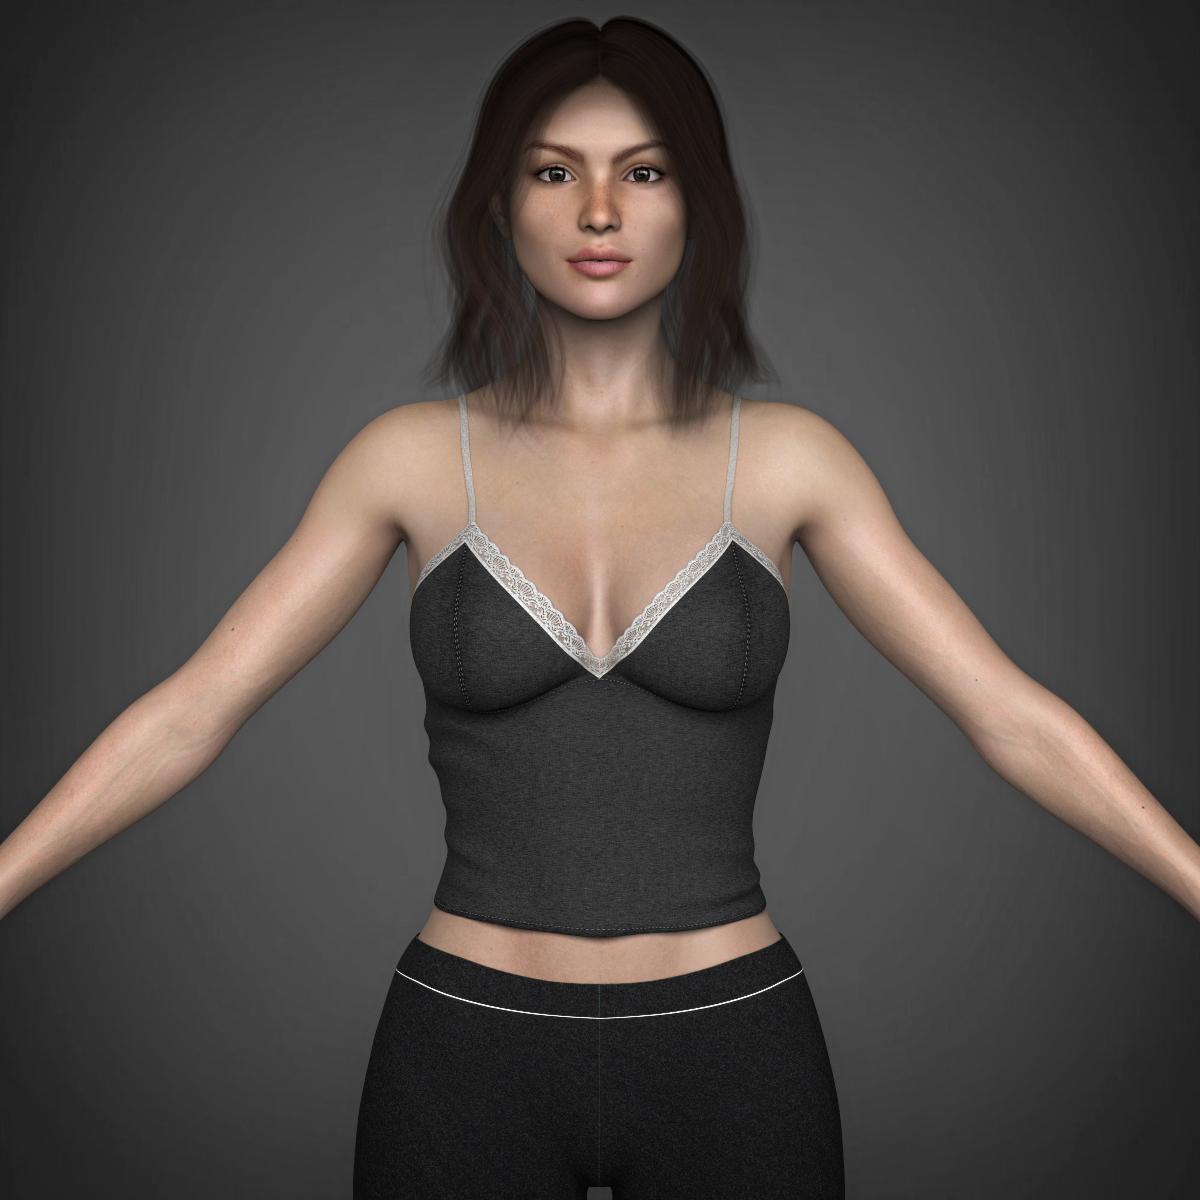 young beautiful woman 3d model max fbx c4d ma mb texture obj 223024